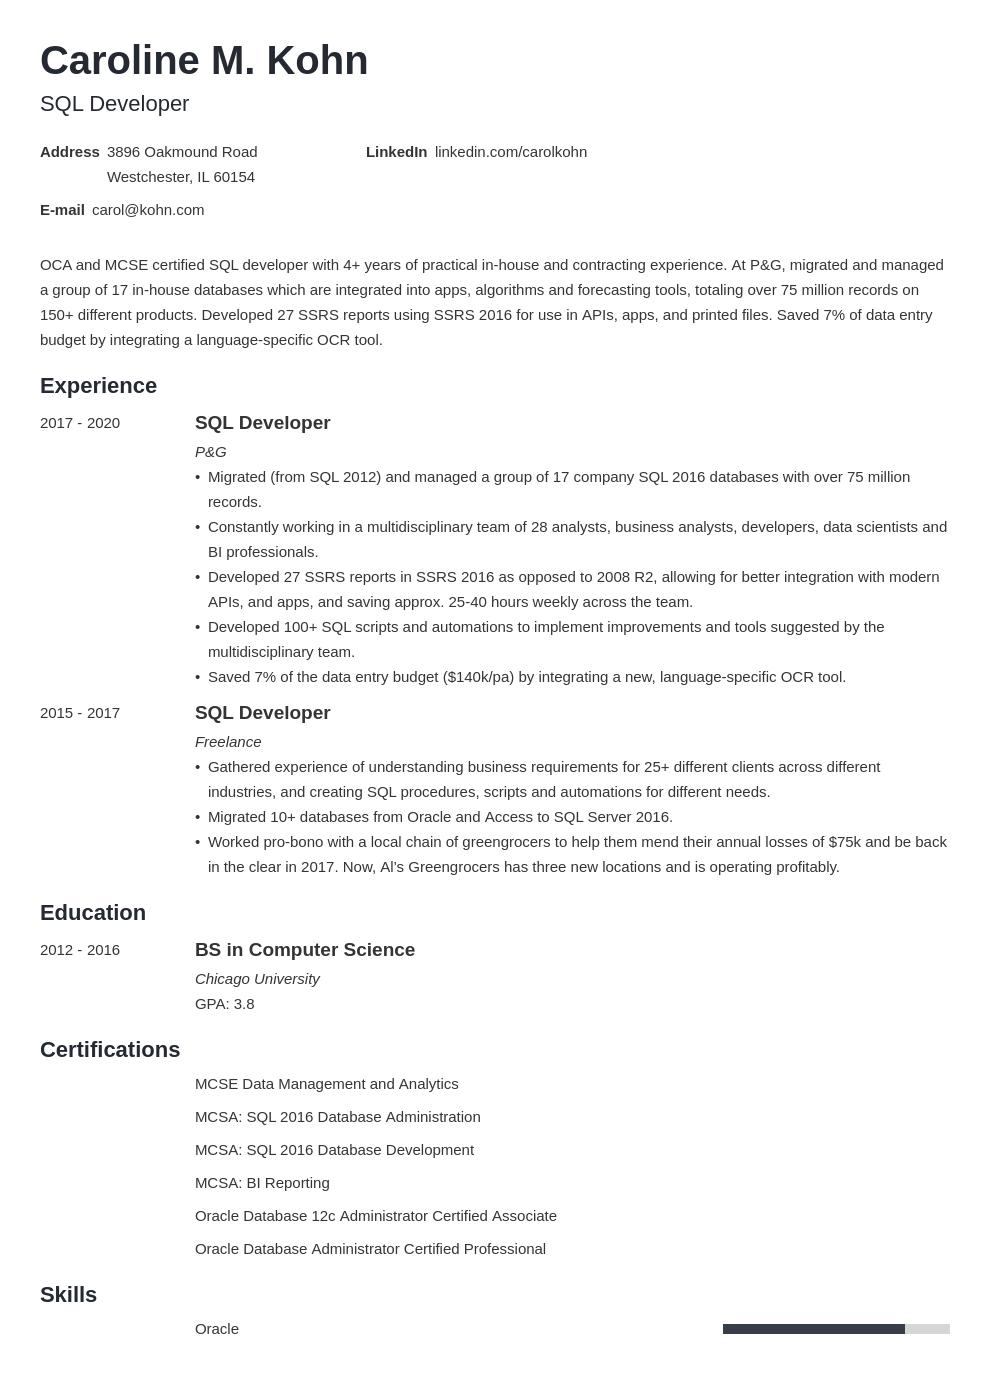 sql developer template minimo uk